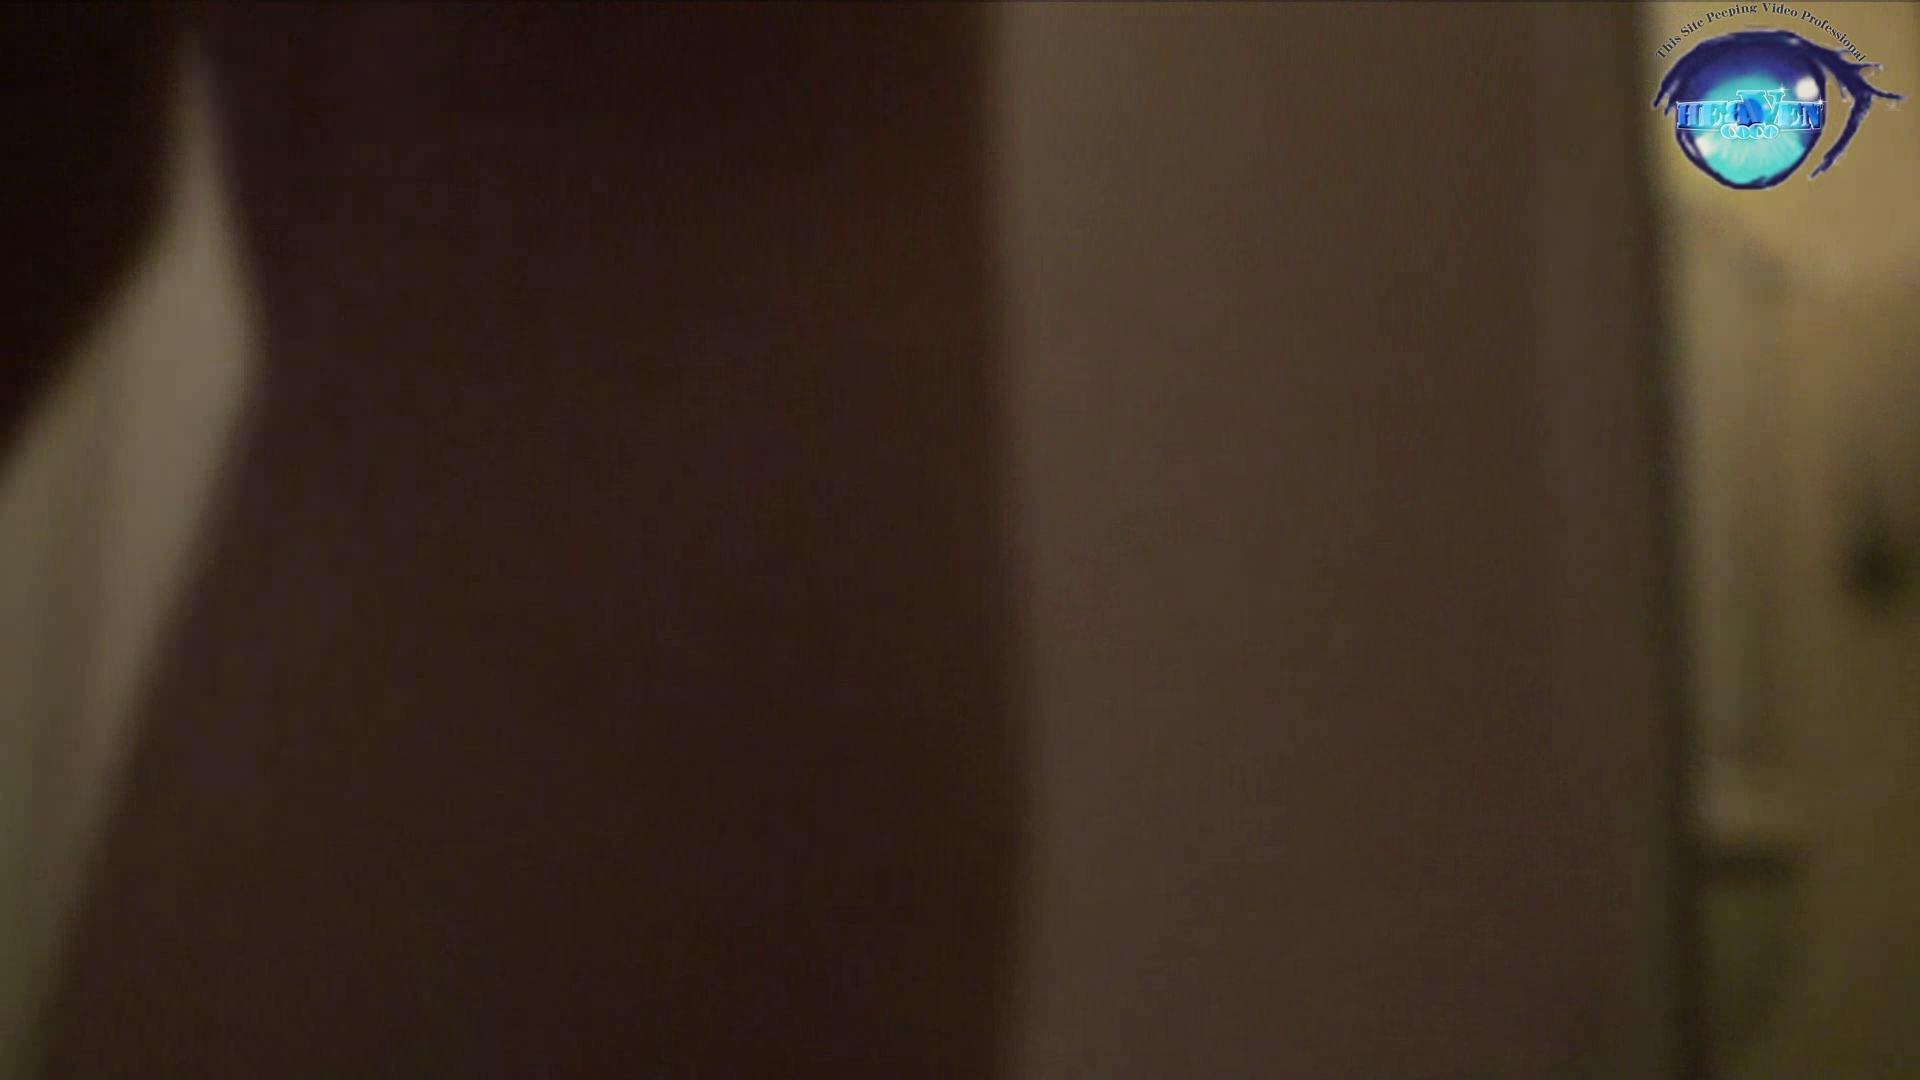 飛び出す黄金水!!!アトレ潜入 かわや盗撮 vol.07 接写 エロ画像 113PIX 53